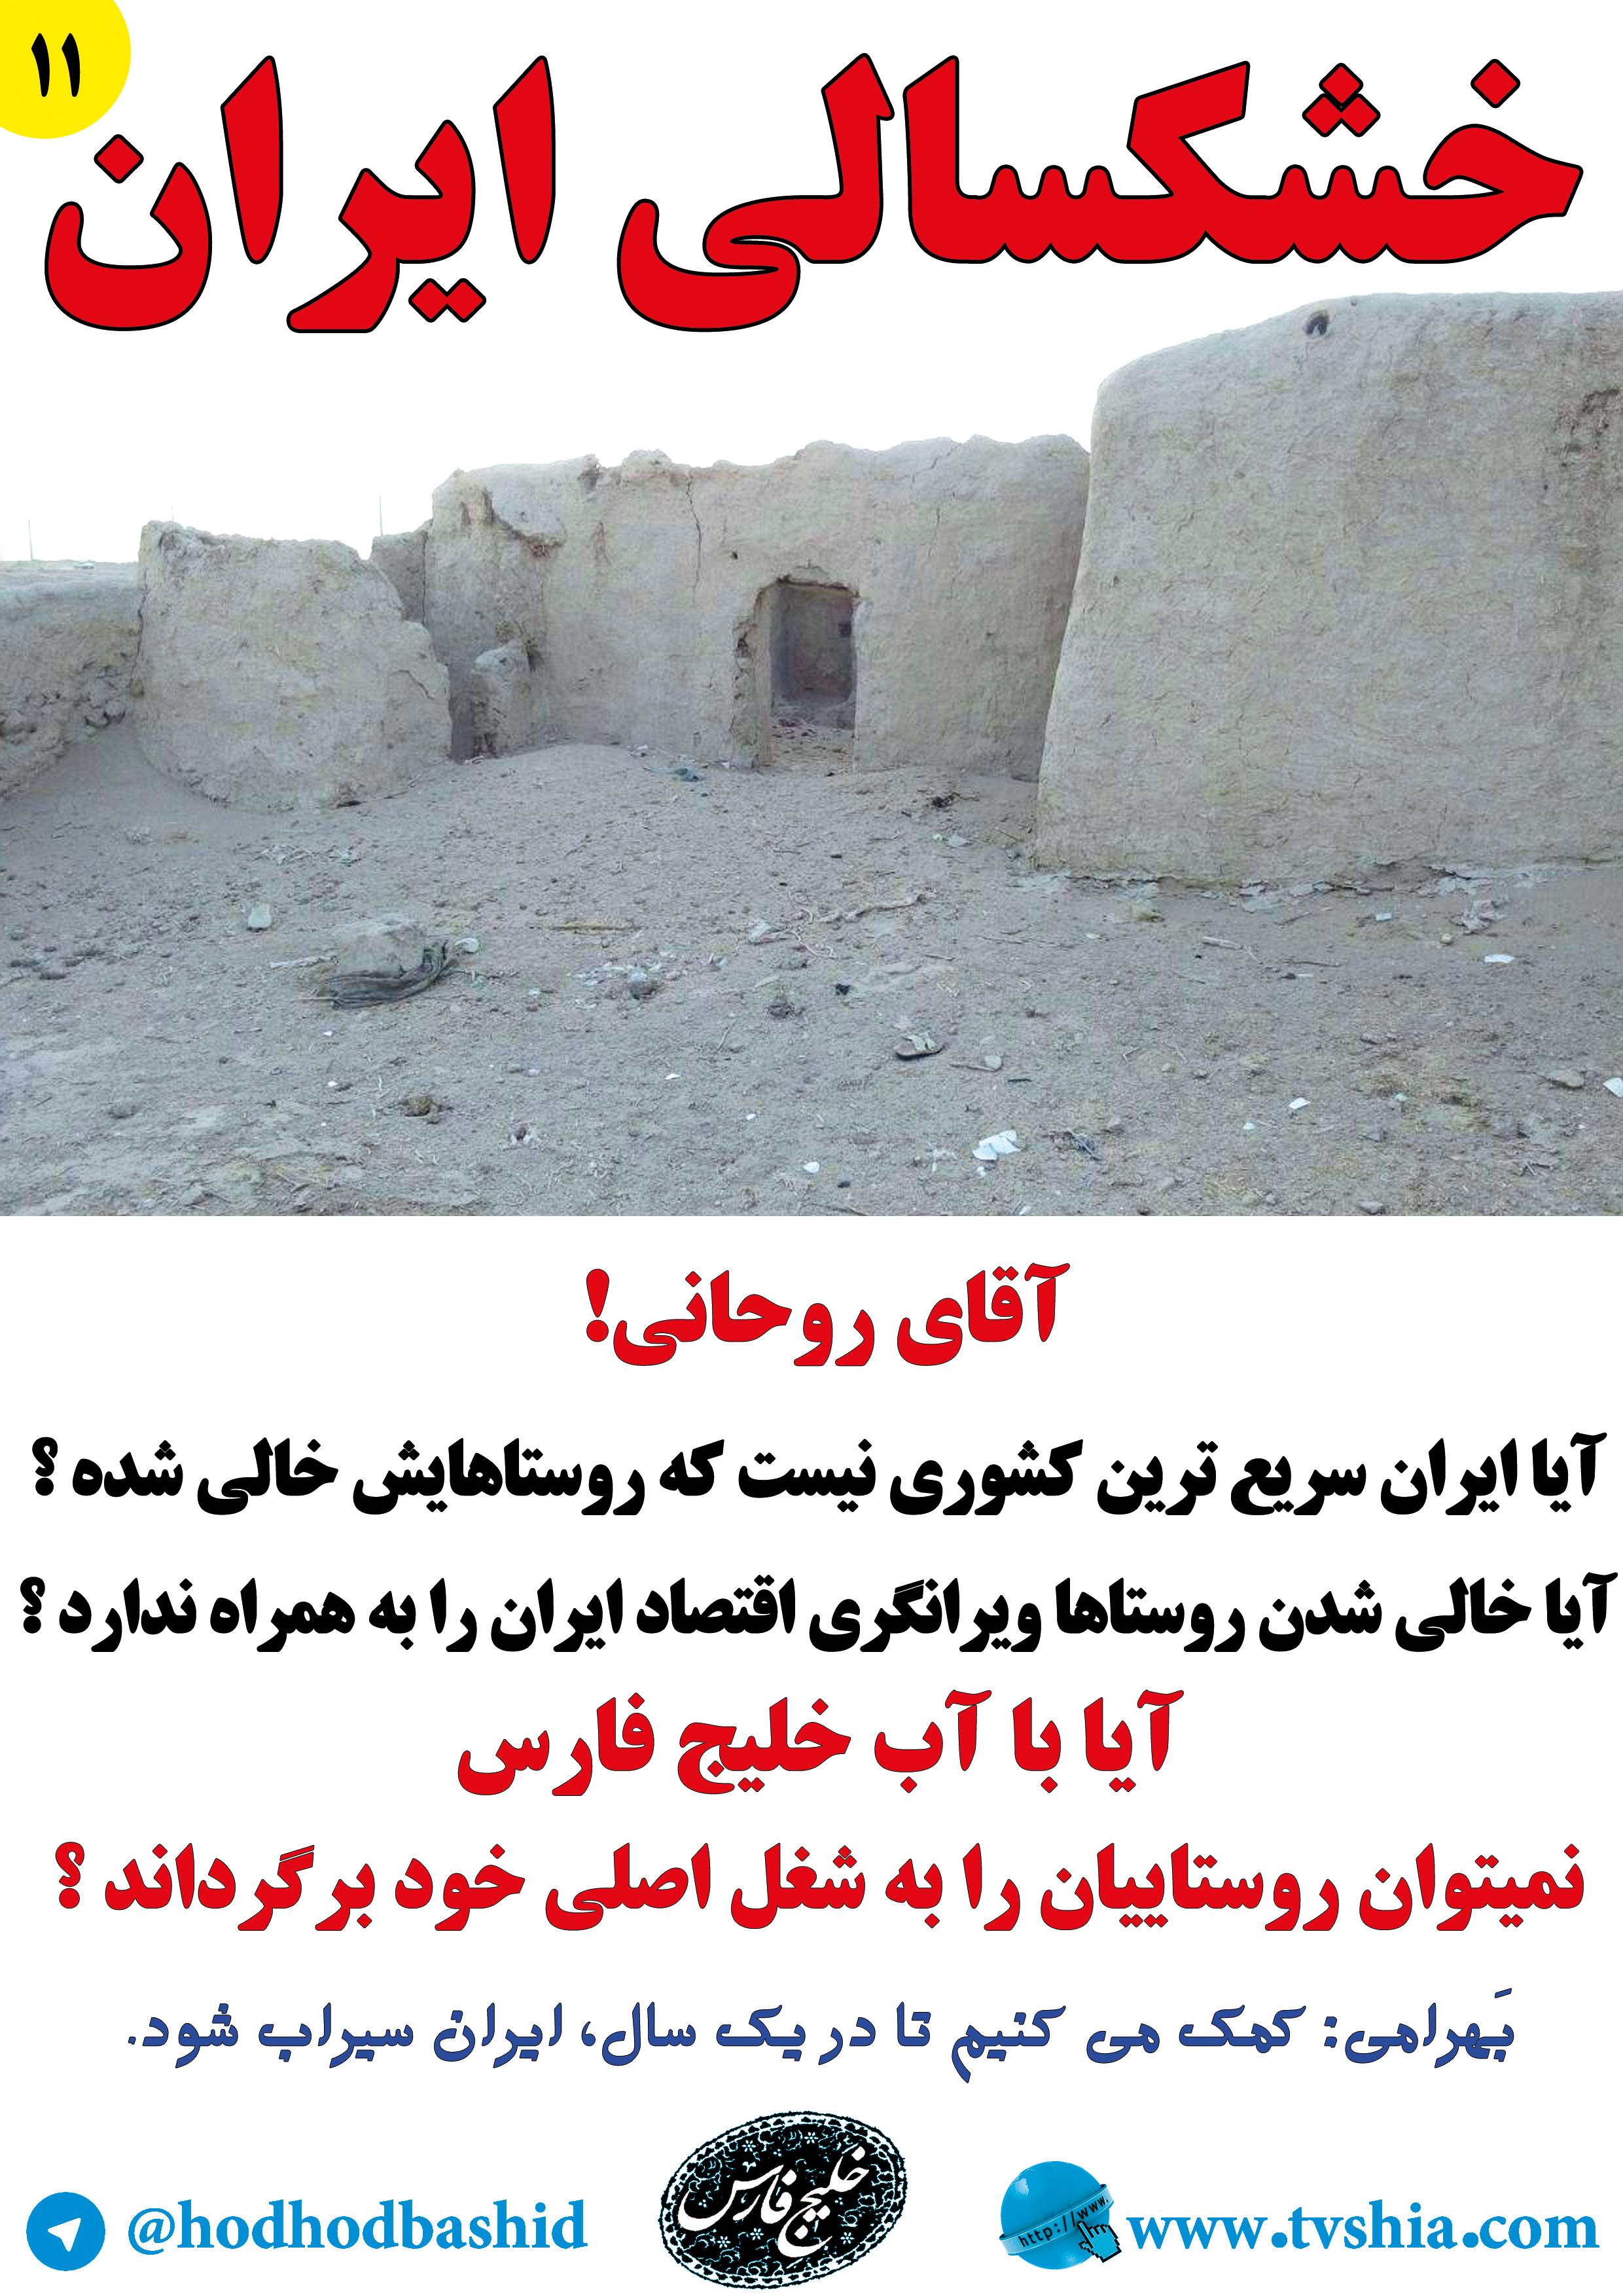 مناظره زنده تلویزیونی حسن روحانی و علی بهرامی نیکو